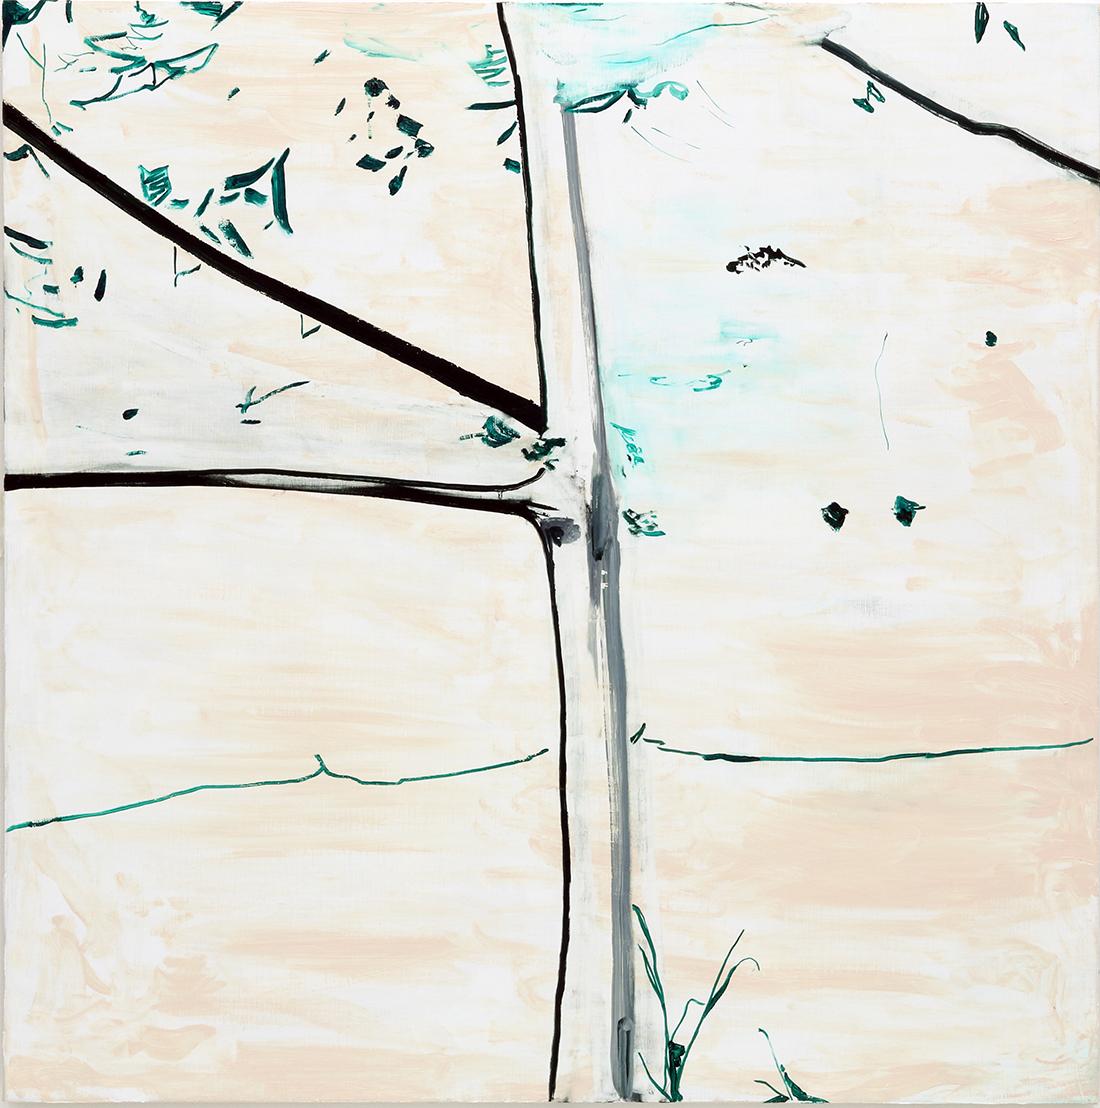 鳩が飛び立ち、驚く私<br /> 2014-2015  キャンバスに油彩<br /> 117×117cm  <br /> ©O JUN, Courtesy of Mizuma Art Gallery<br /> 撮影:宮島径